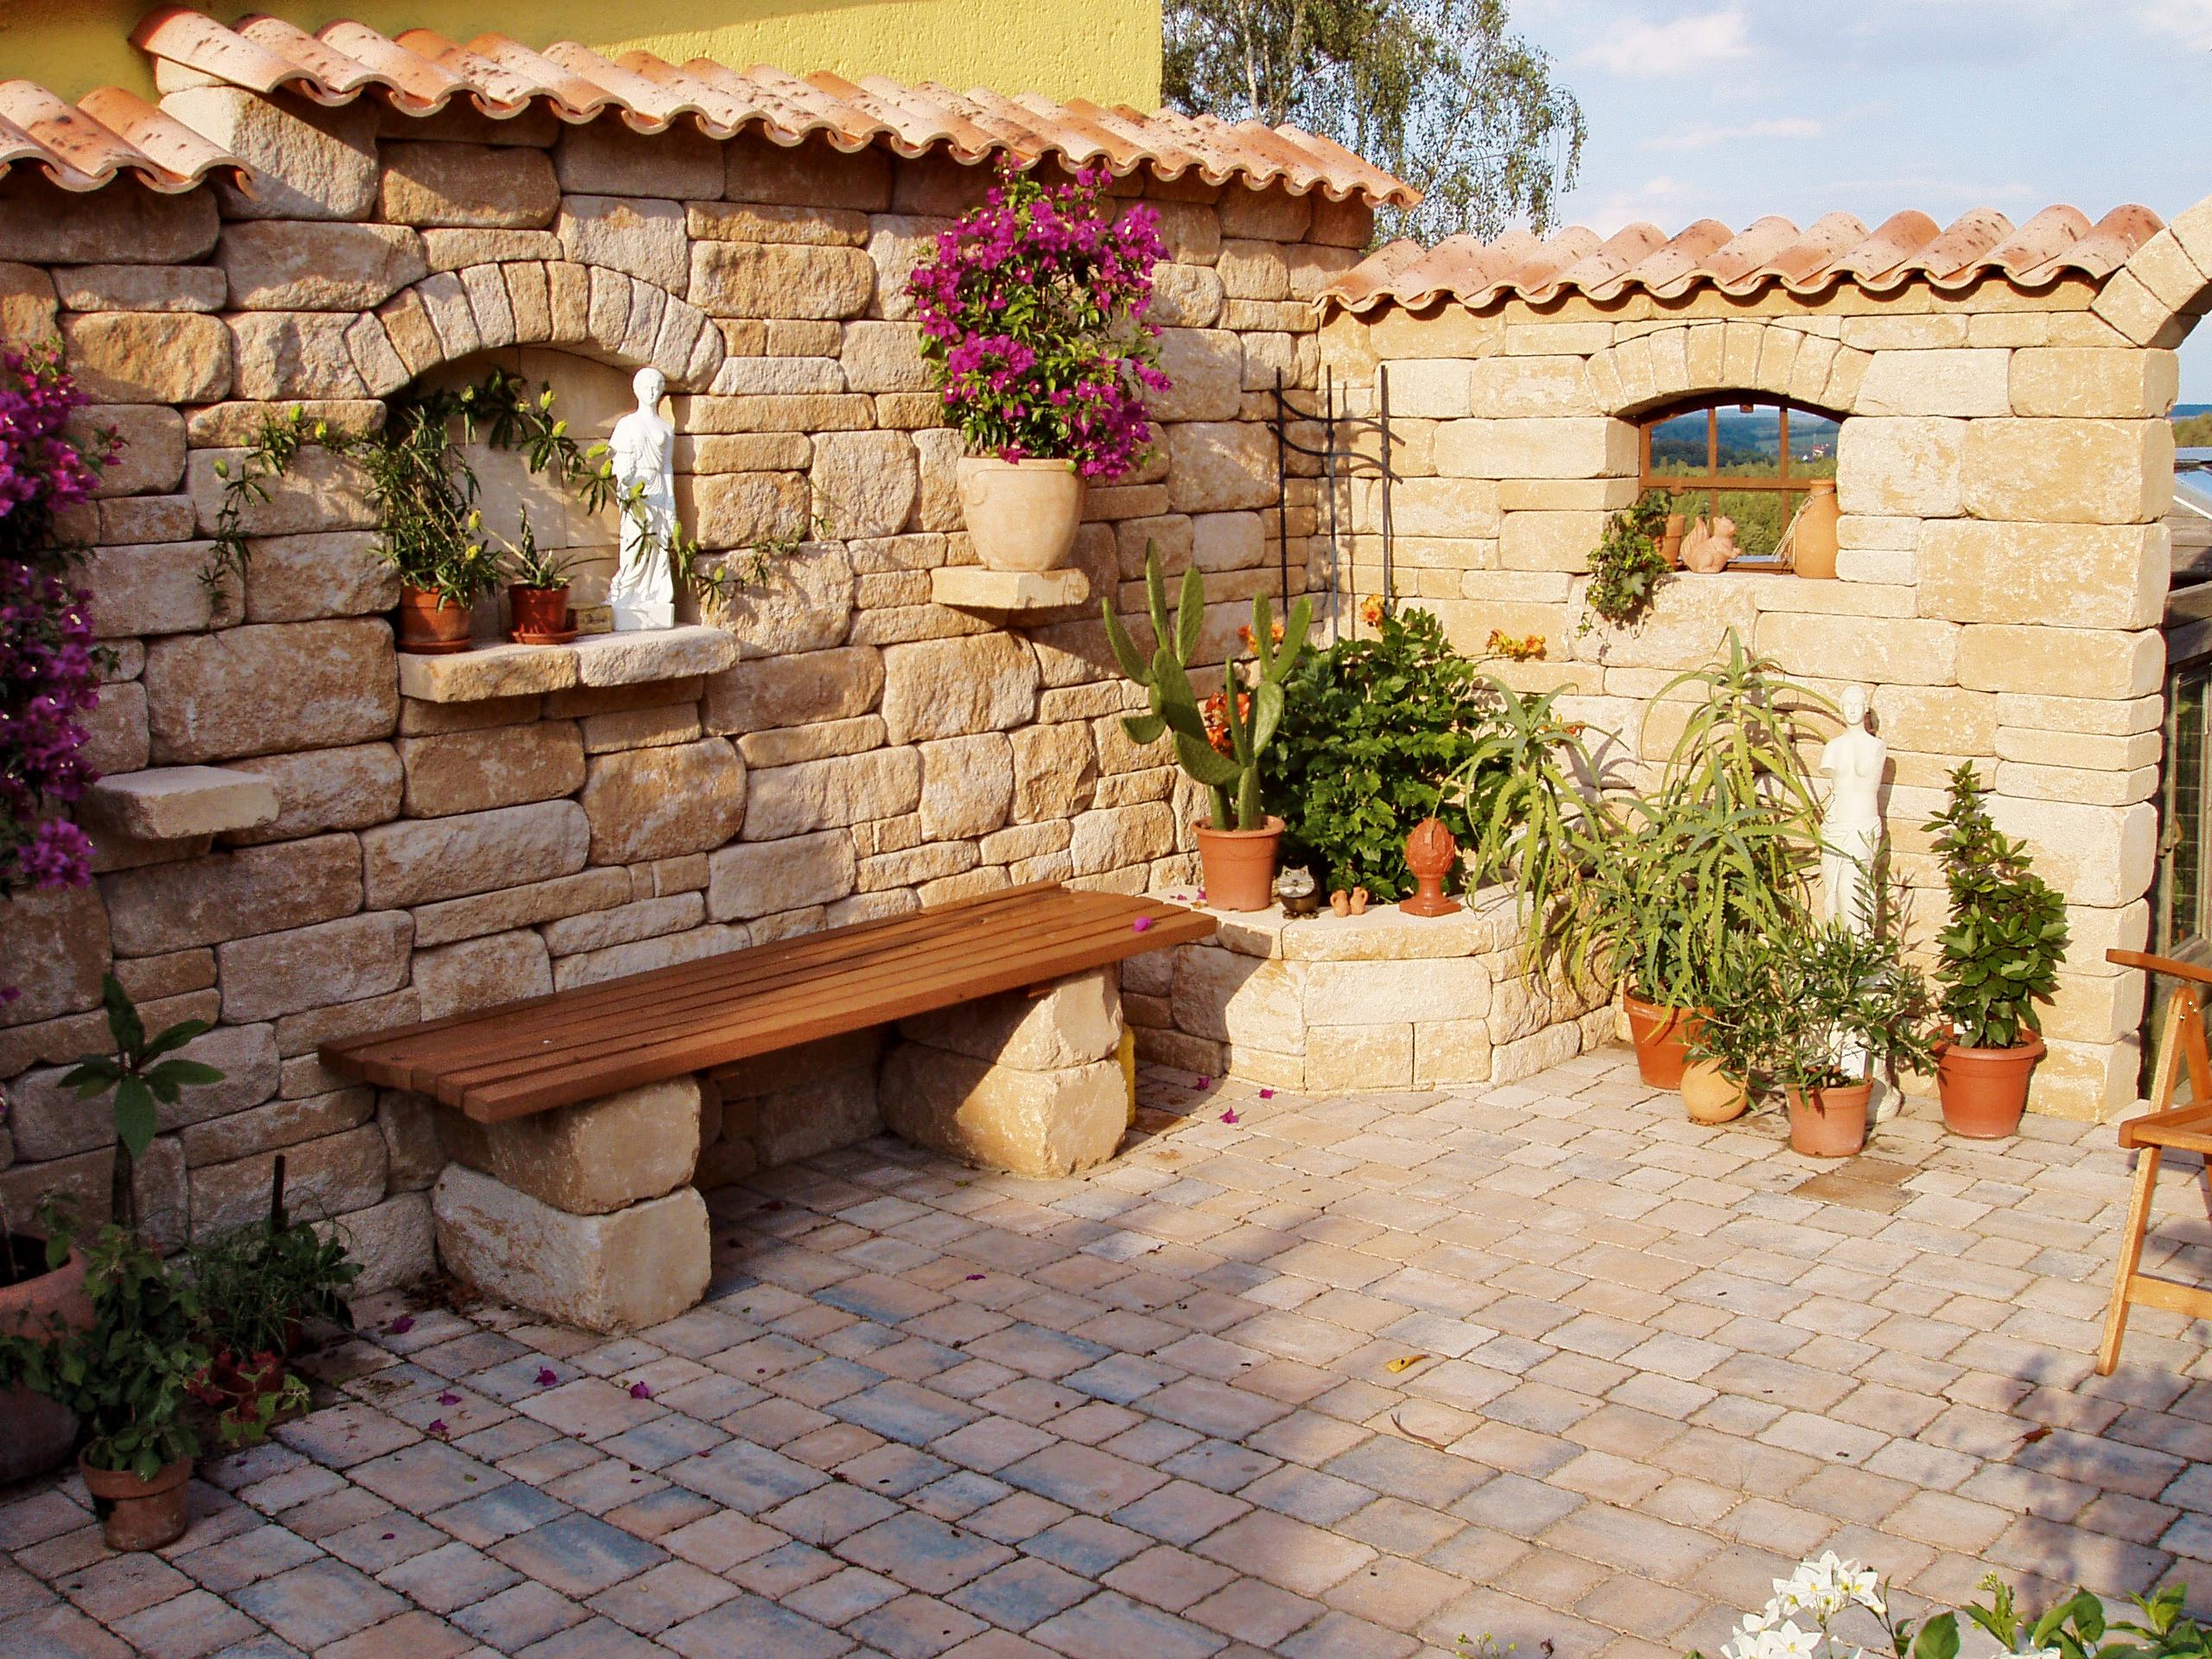 Krautergarten garten terrasse oder als beet wohnen for Garten planen mit kleine regentonne für balkon